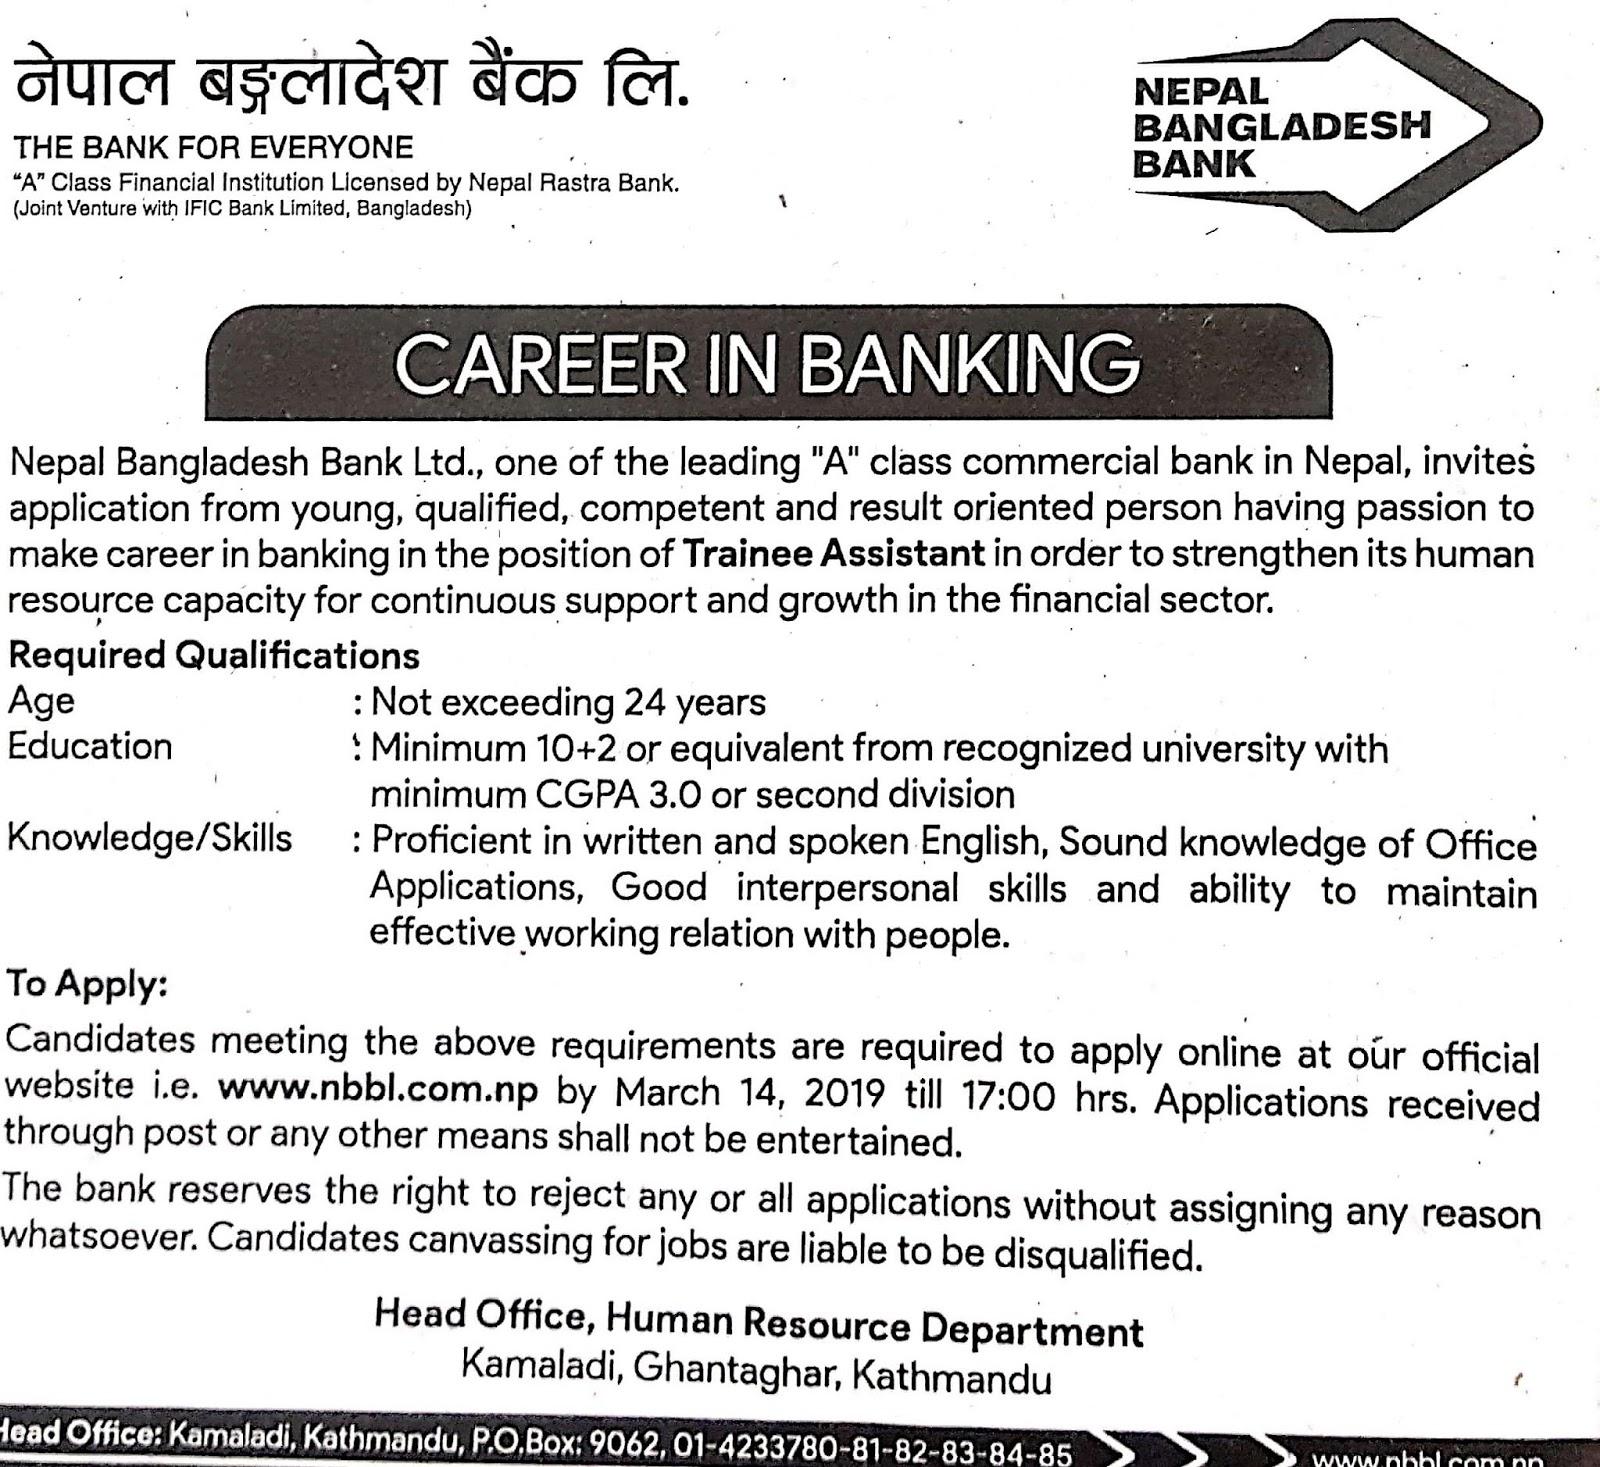 Career in Banking at Nepal Bangladesh Bank